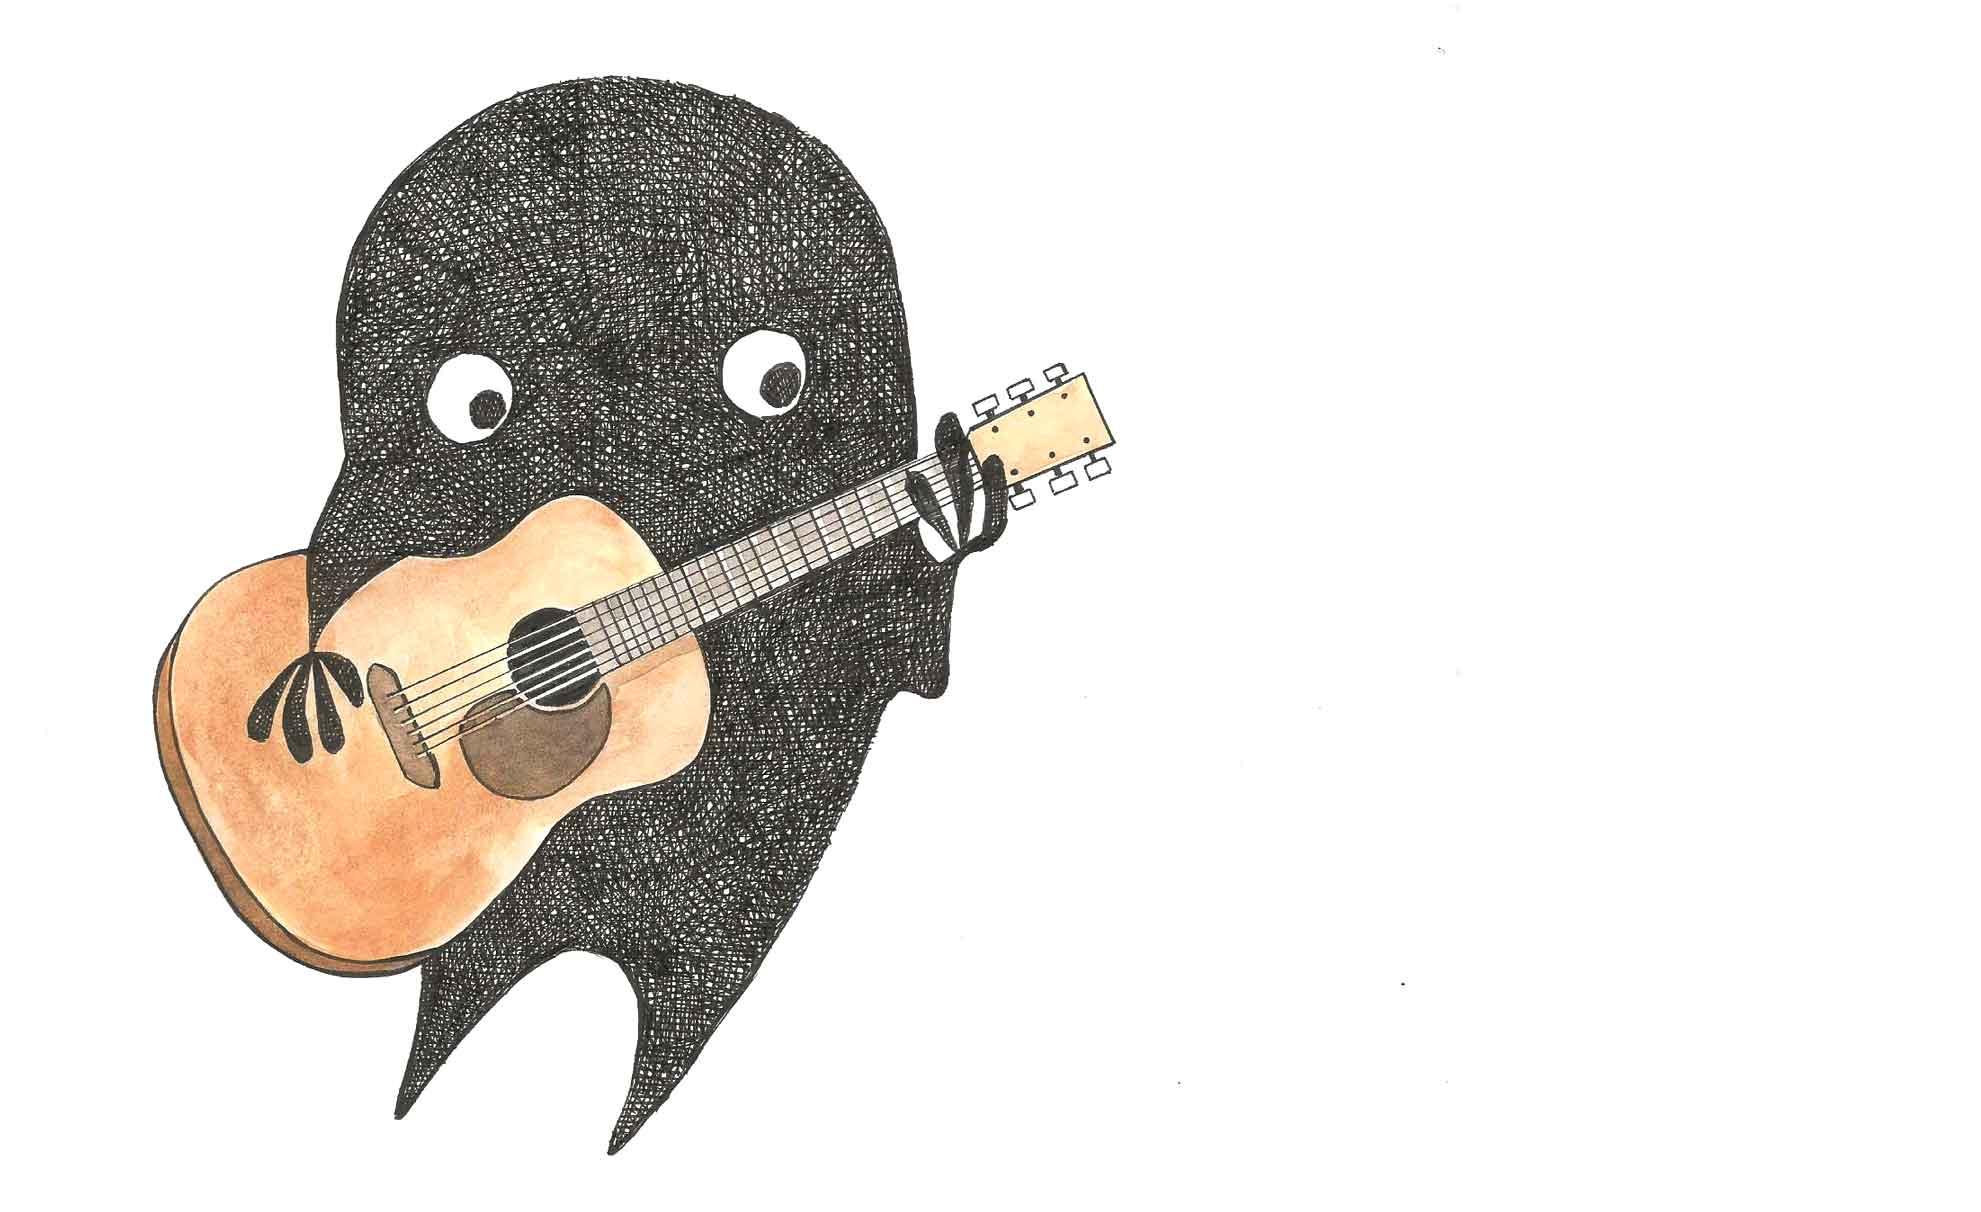 香菸先生繪 拿著吉他的小黑人